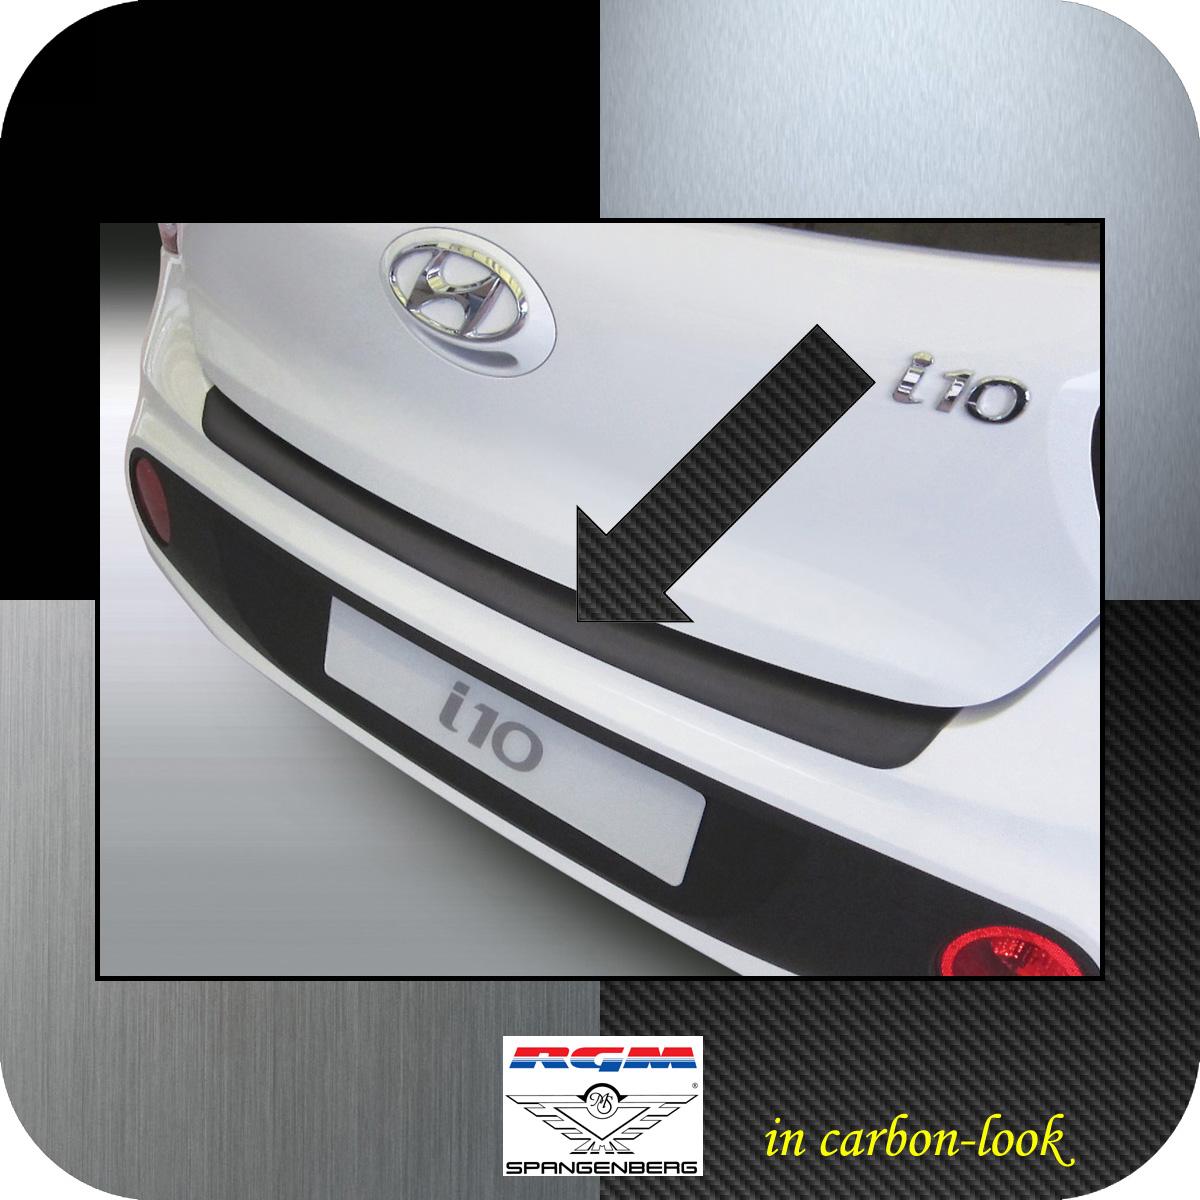 Ladekantenschutz Carbon-Look Hyundai i10 Schrägheck ab Baujahr 2017- 3509972